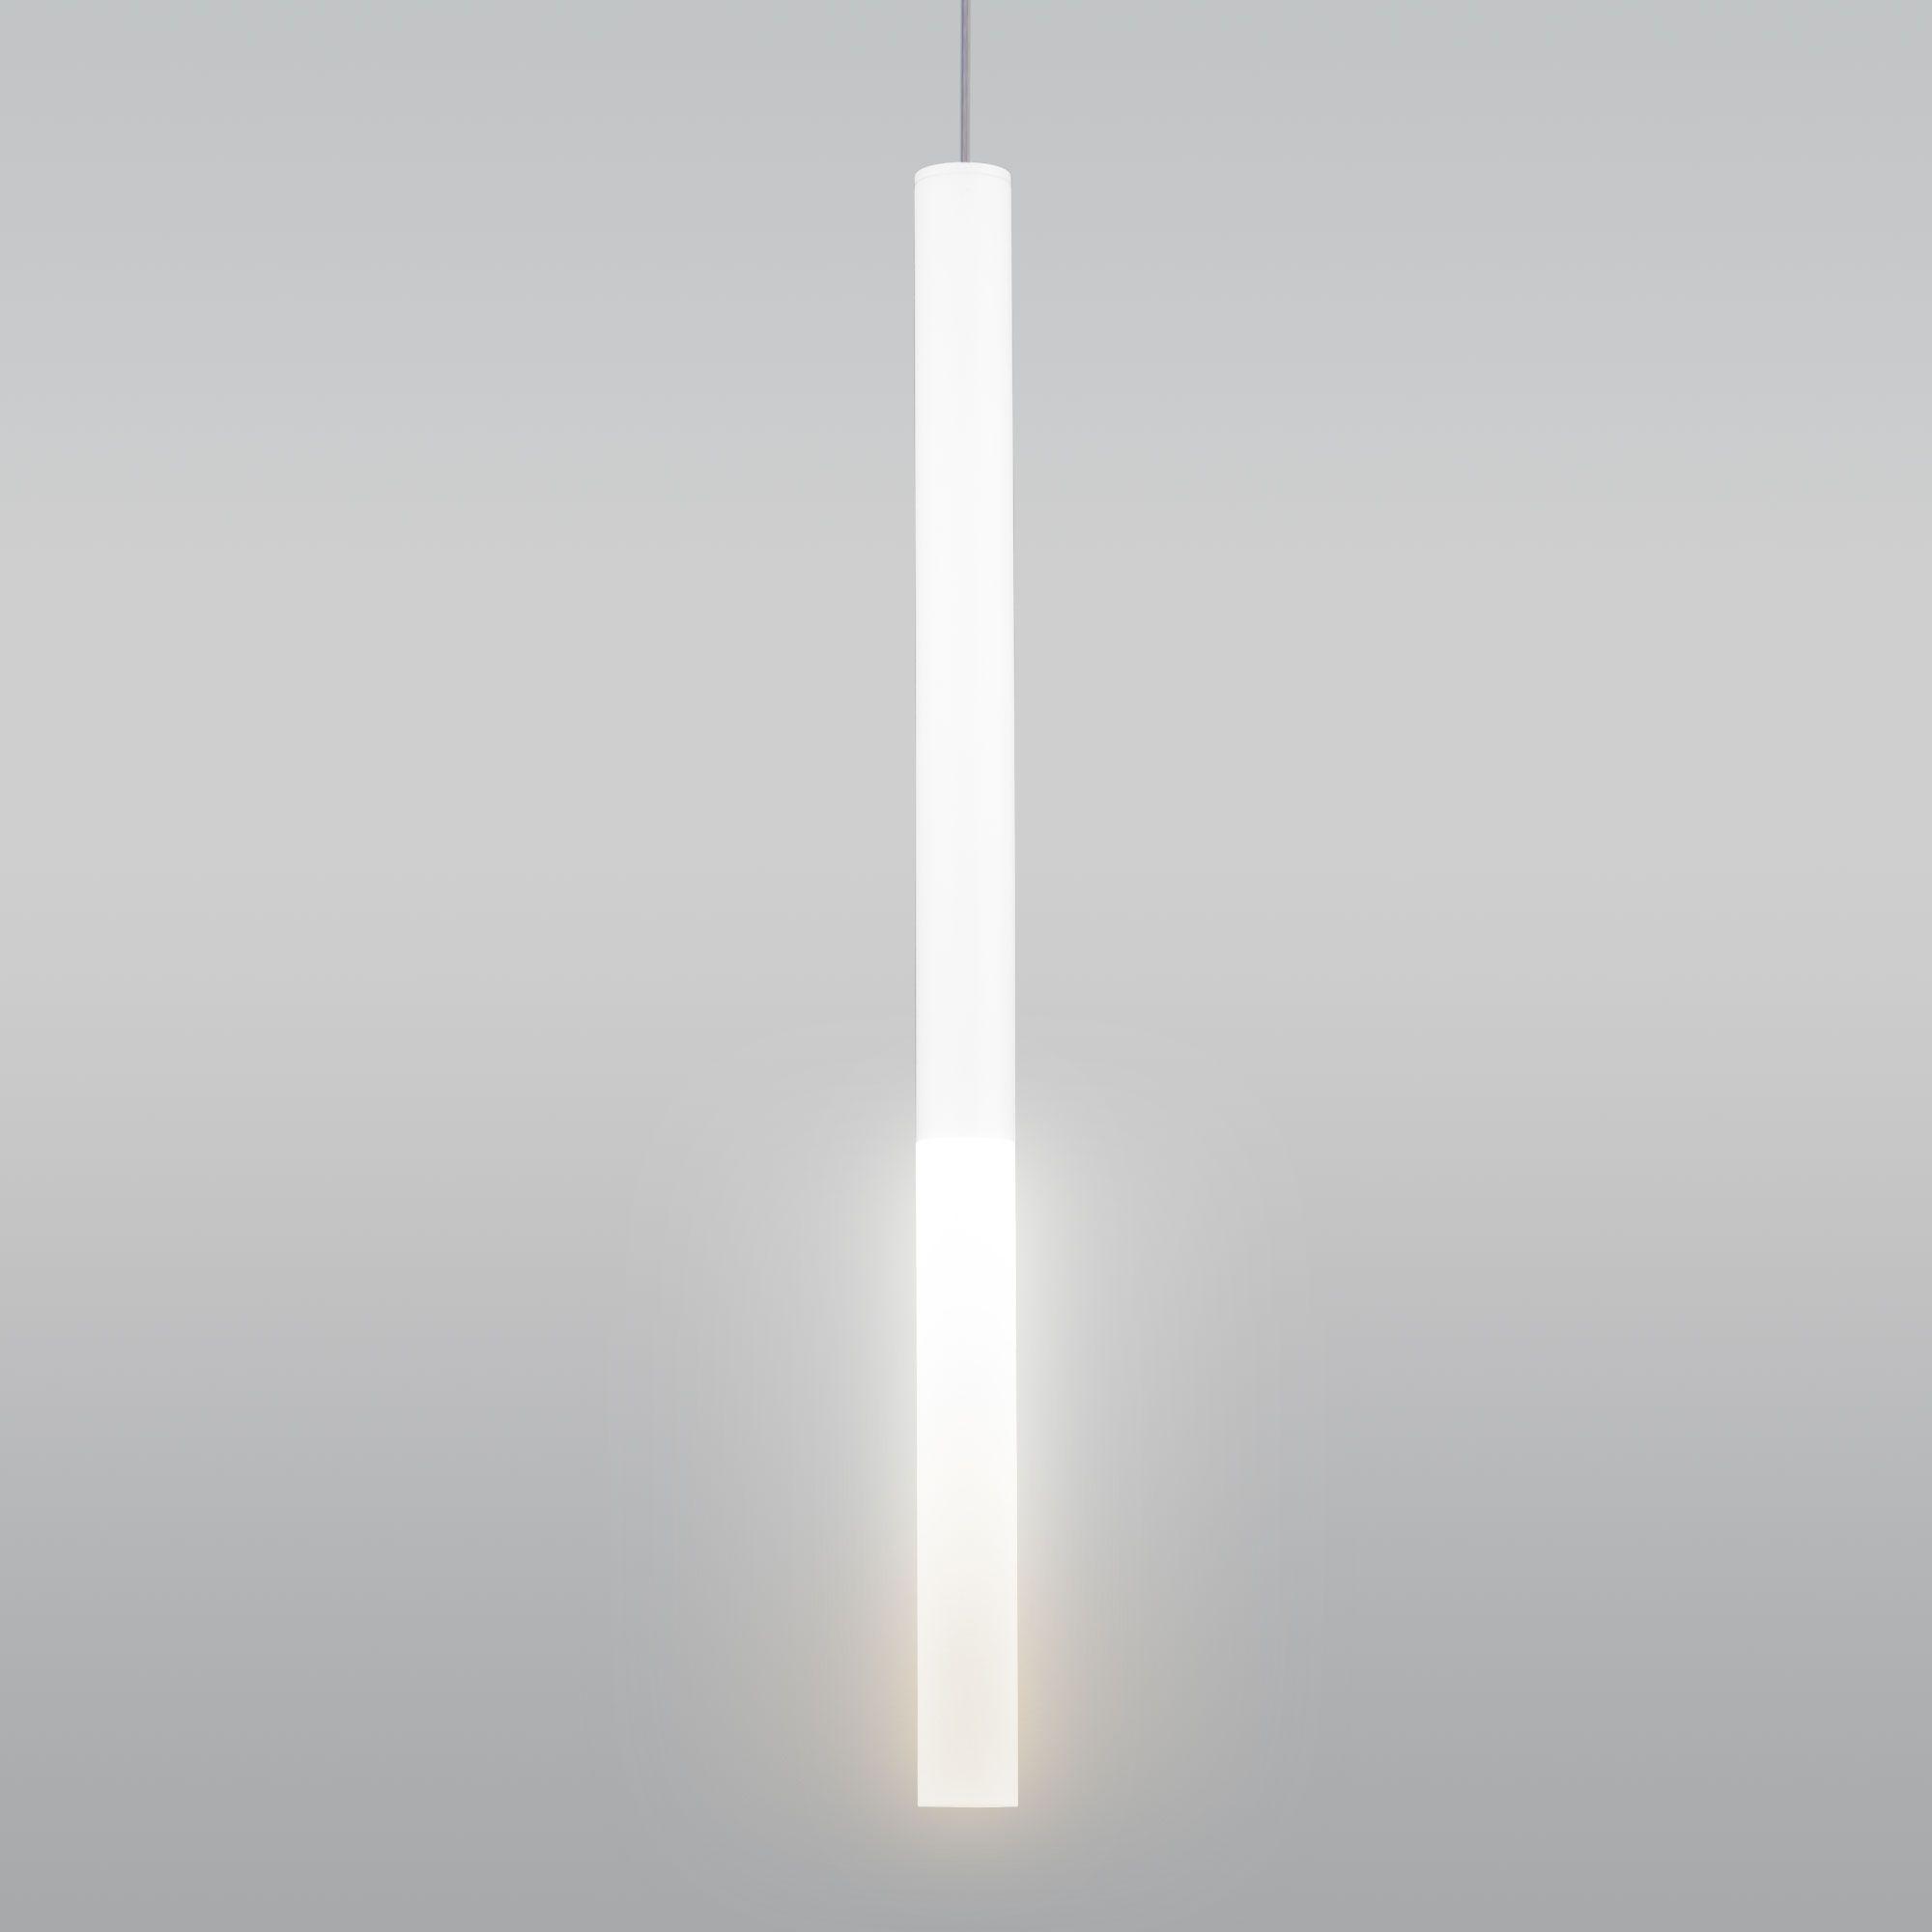 Подвесной светодиодный светильник DLR040 4W 4200K